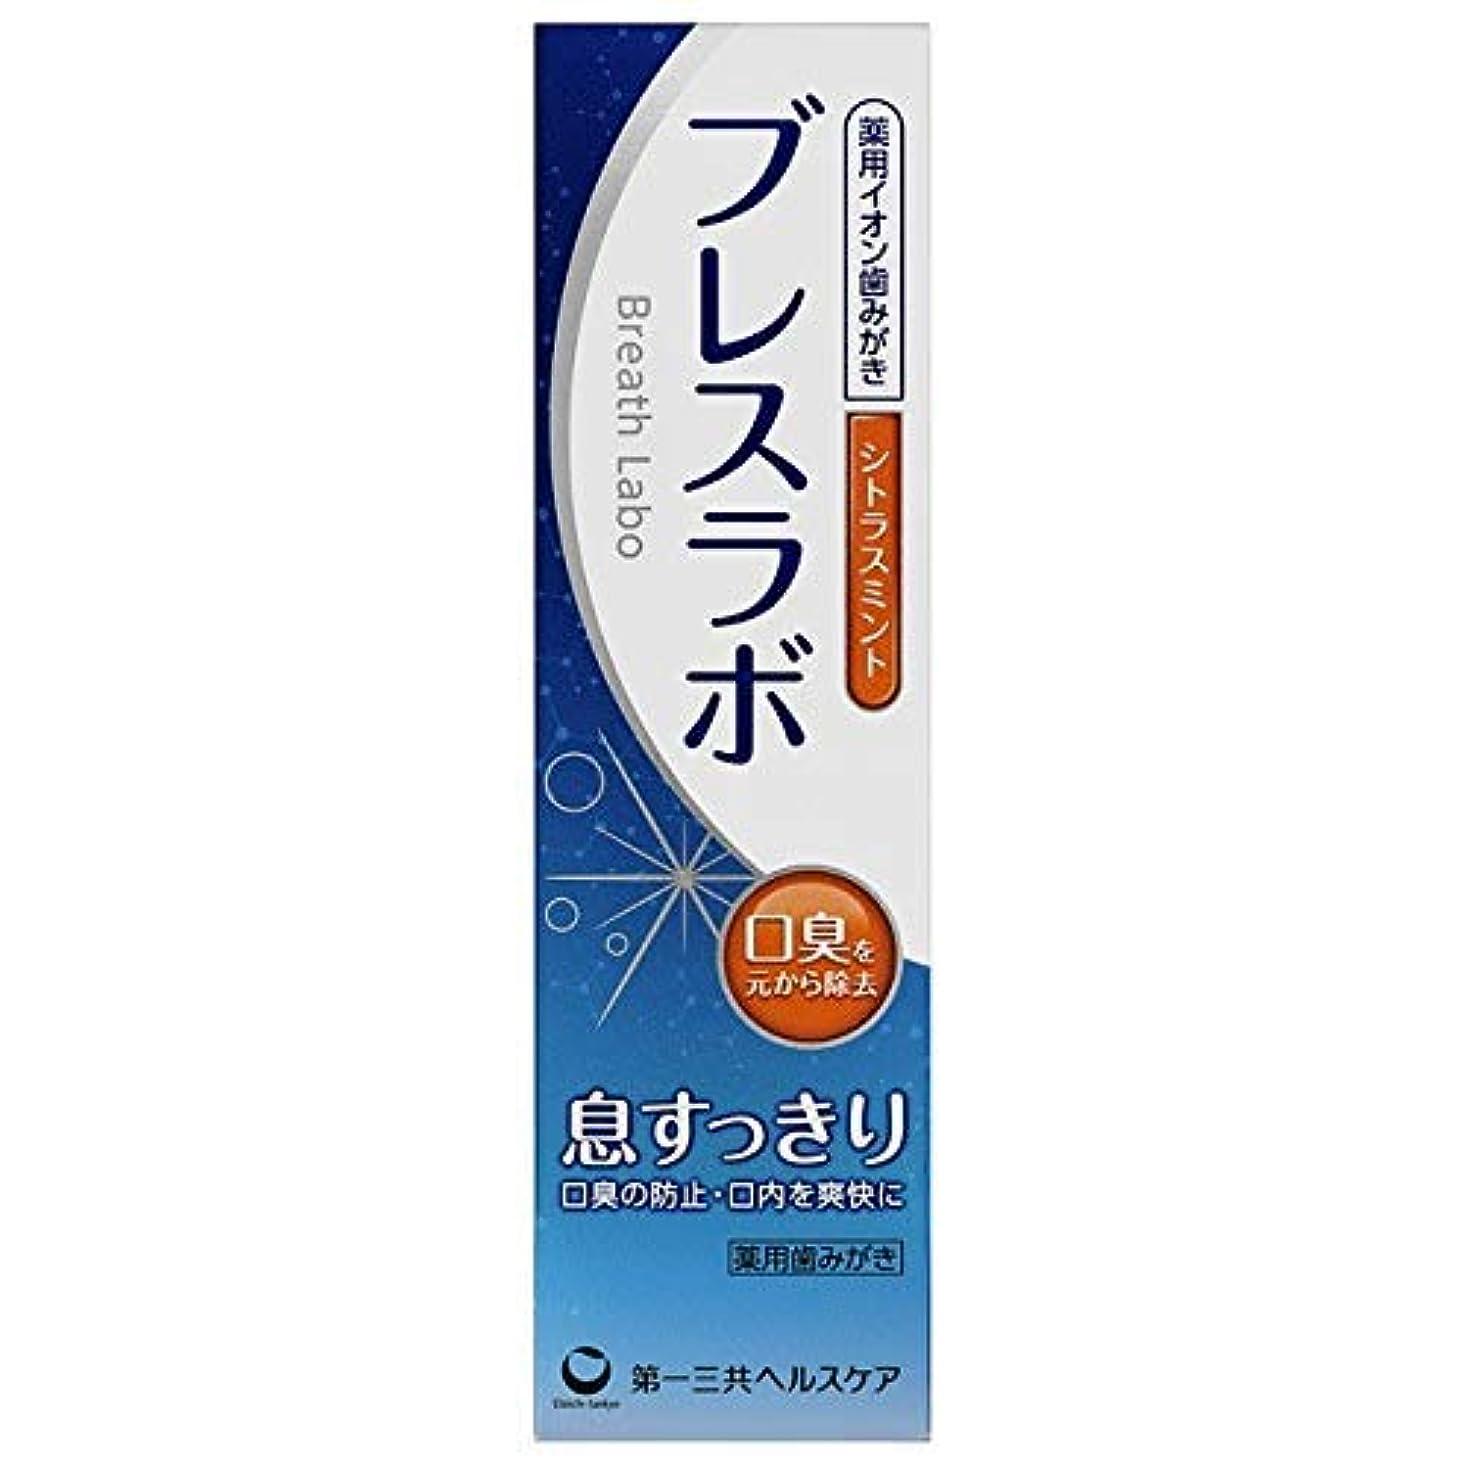 【6個セット】ブレスラボ シトラスミント 90g